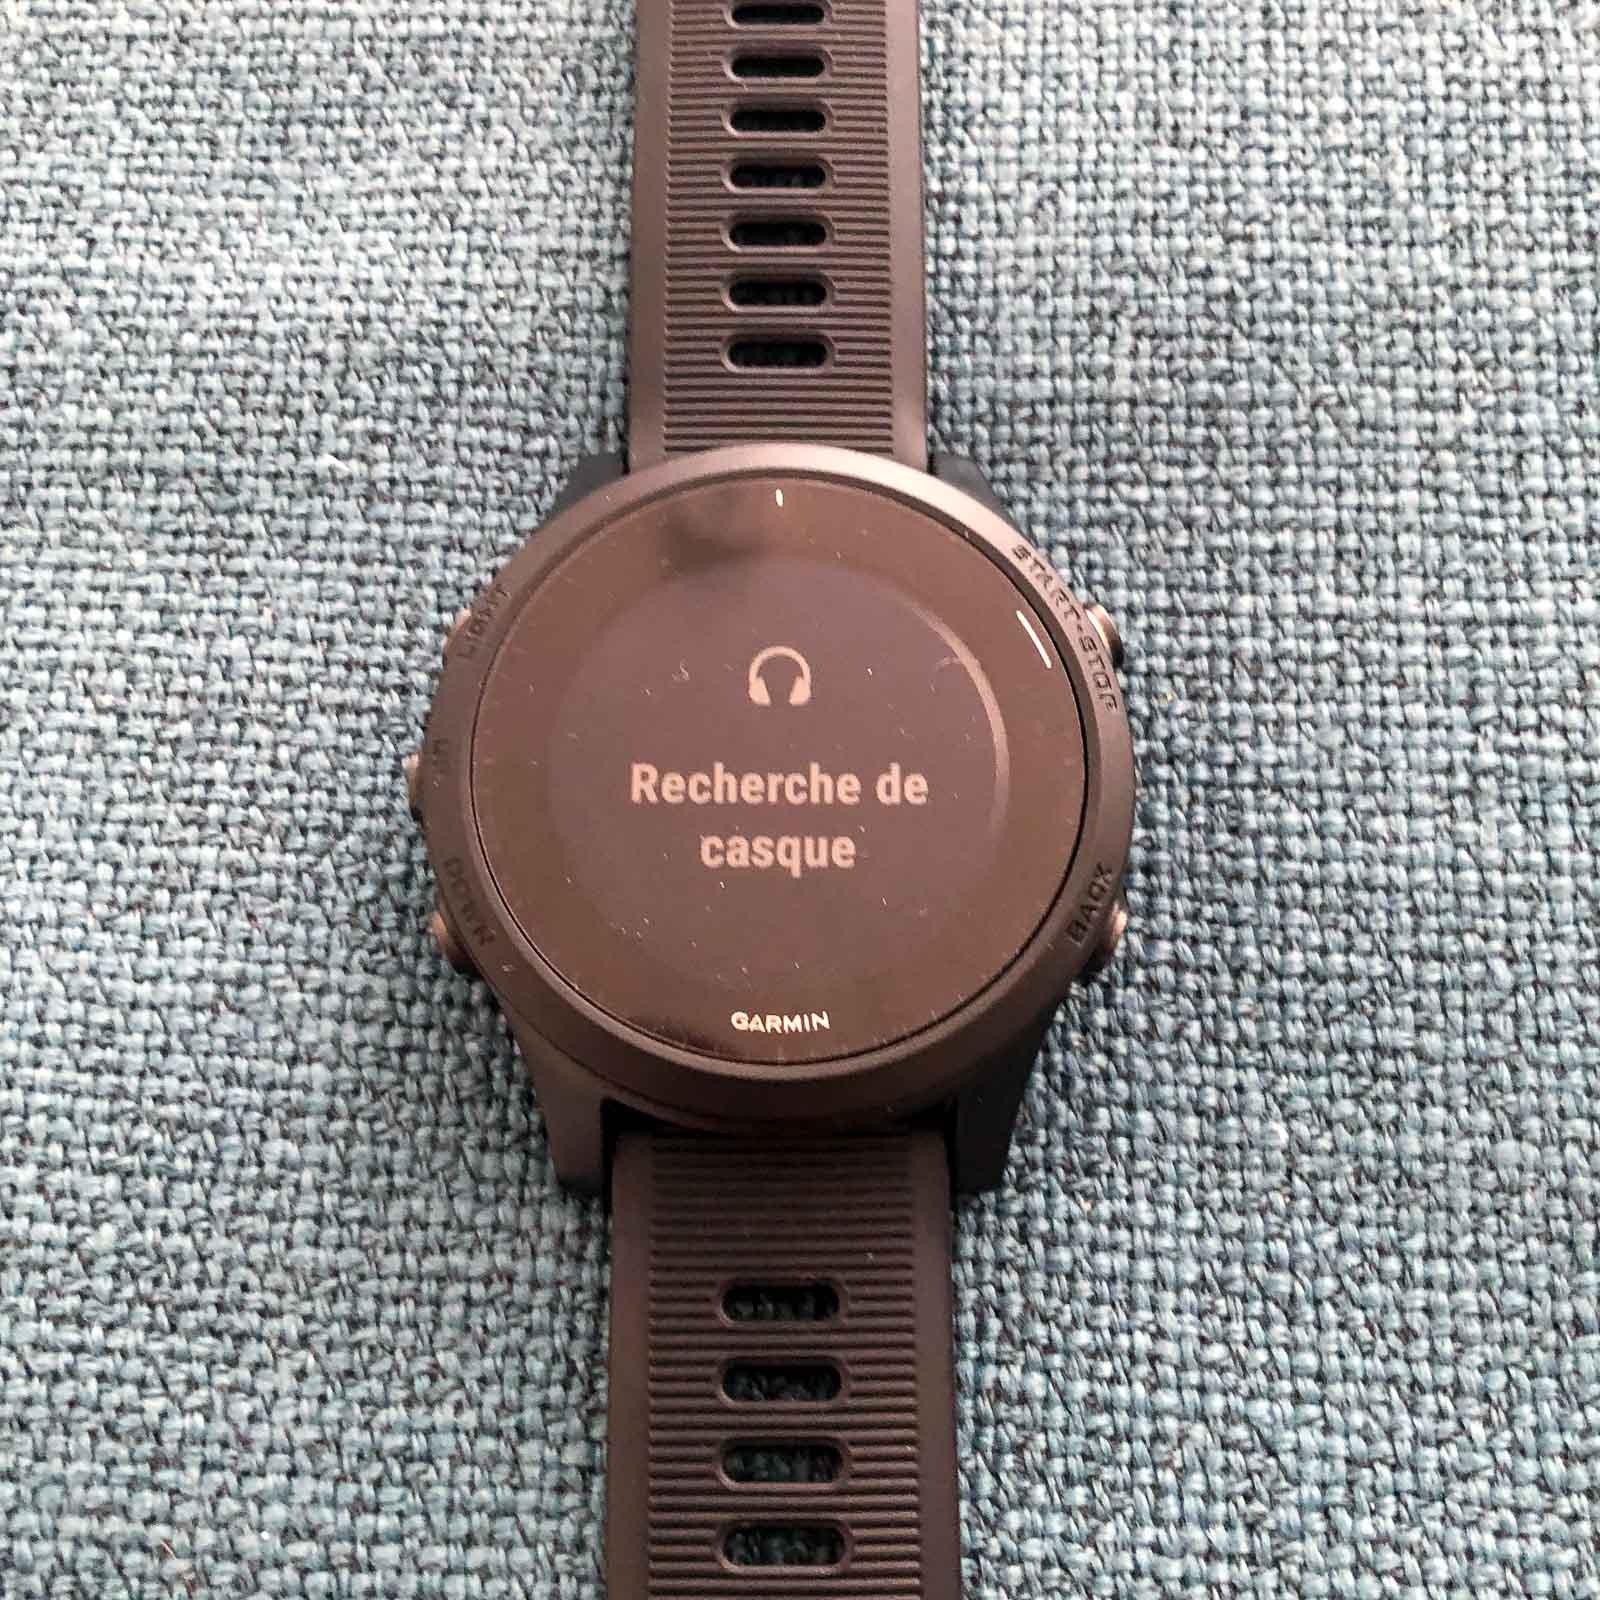 La montre recherche les écouteurs Bluetooth à proximité